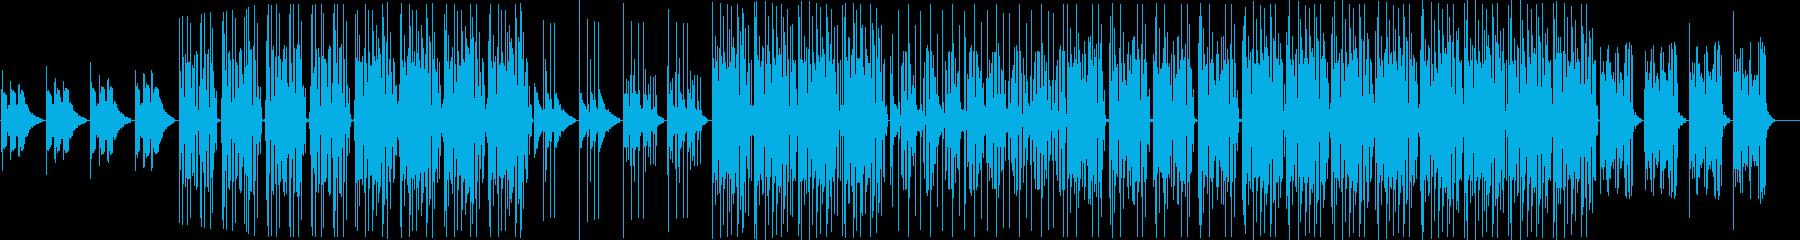 ワクワク楽しく明るいトイミュージックの再生済みの波形